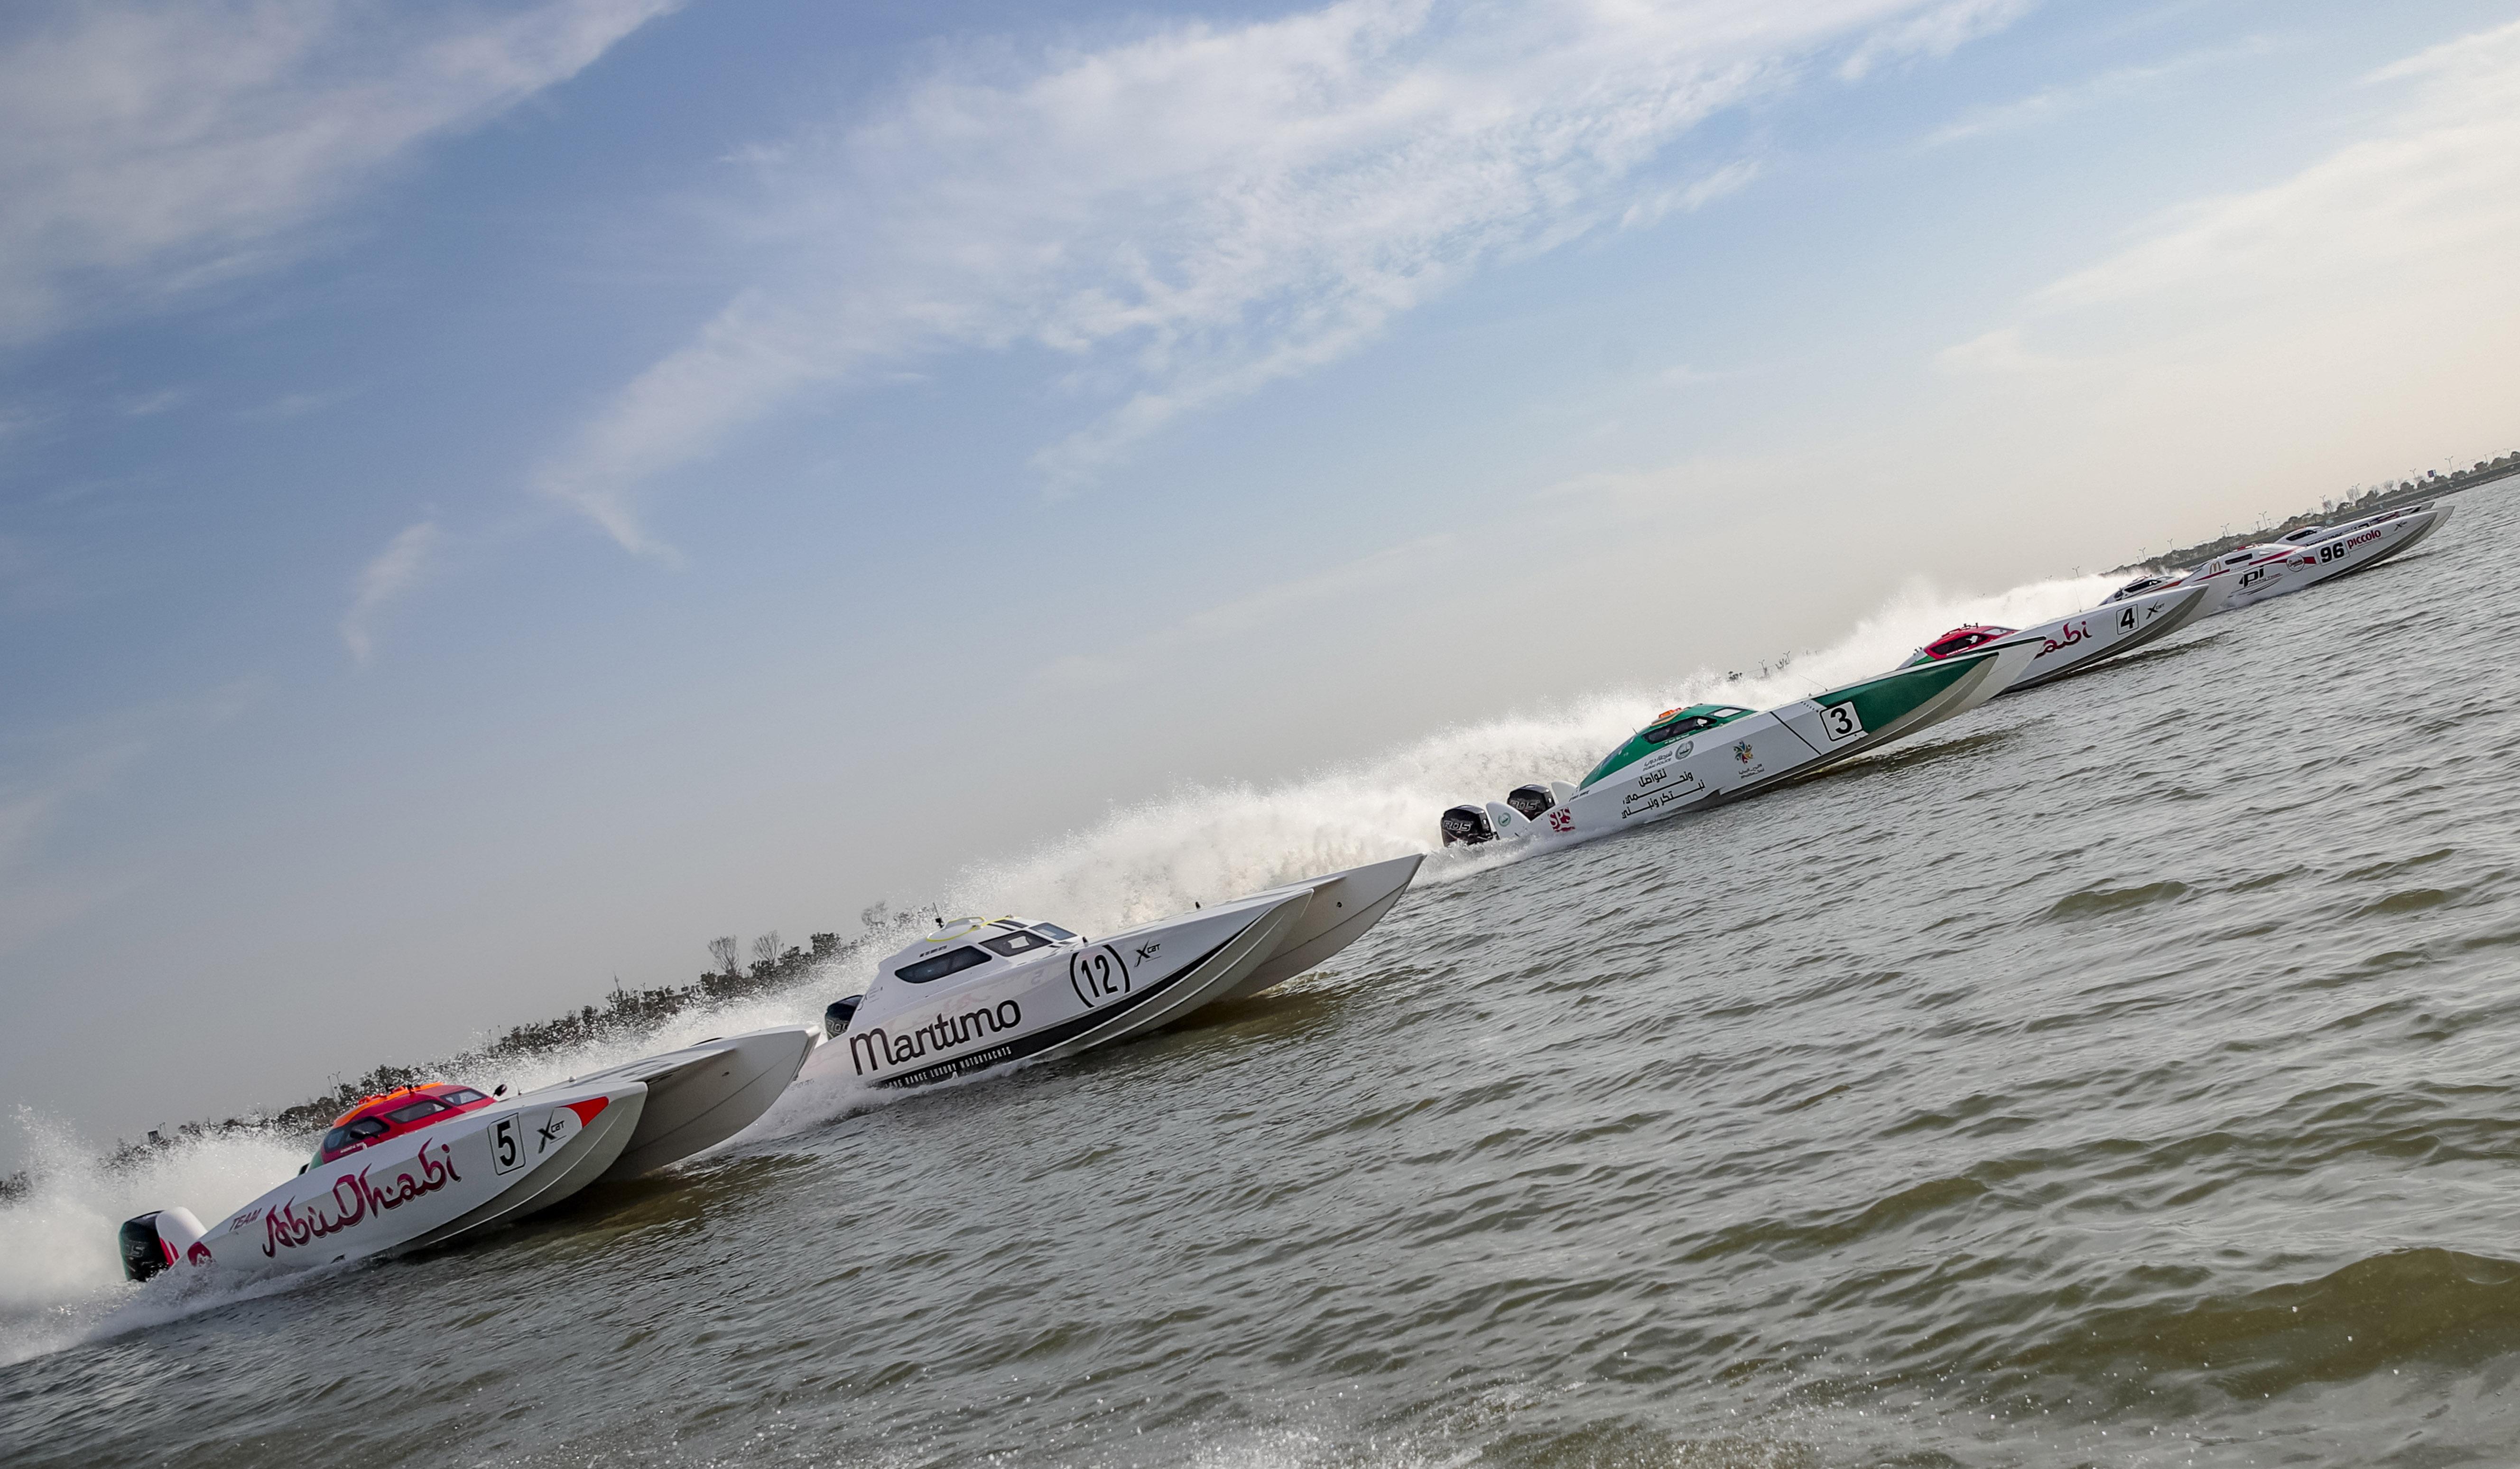 XCAT Dubai Grand Prix awaits audience at Jumeirah Beach